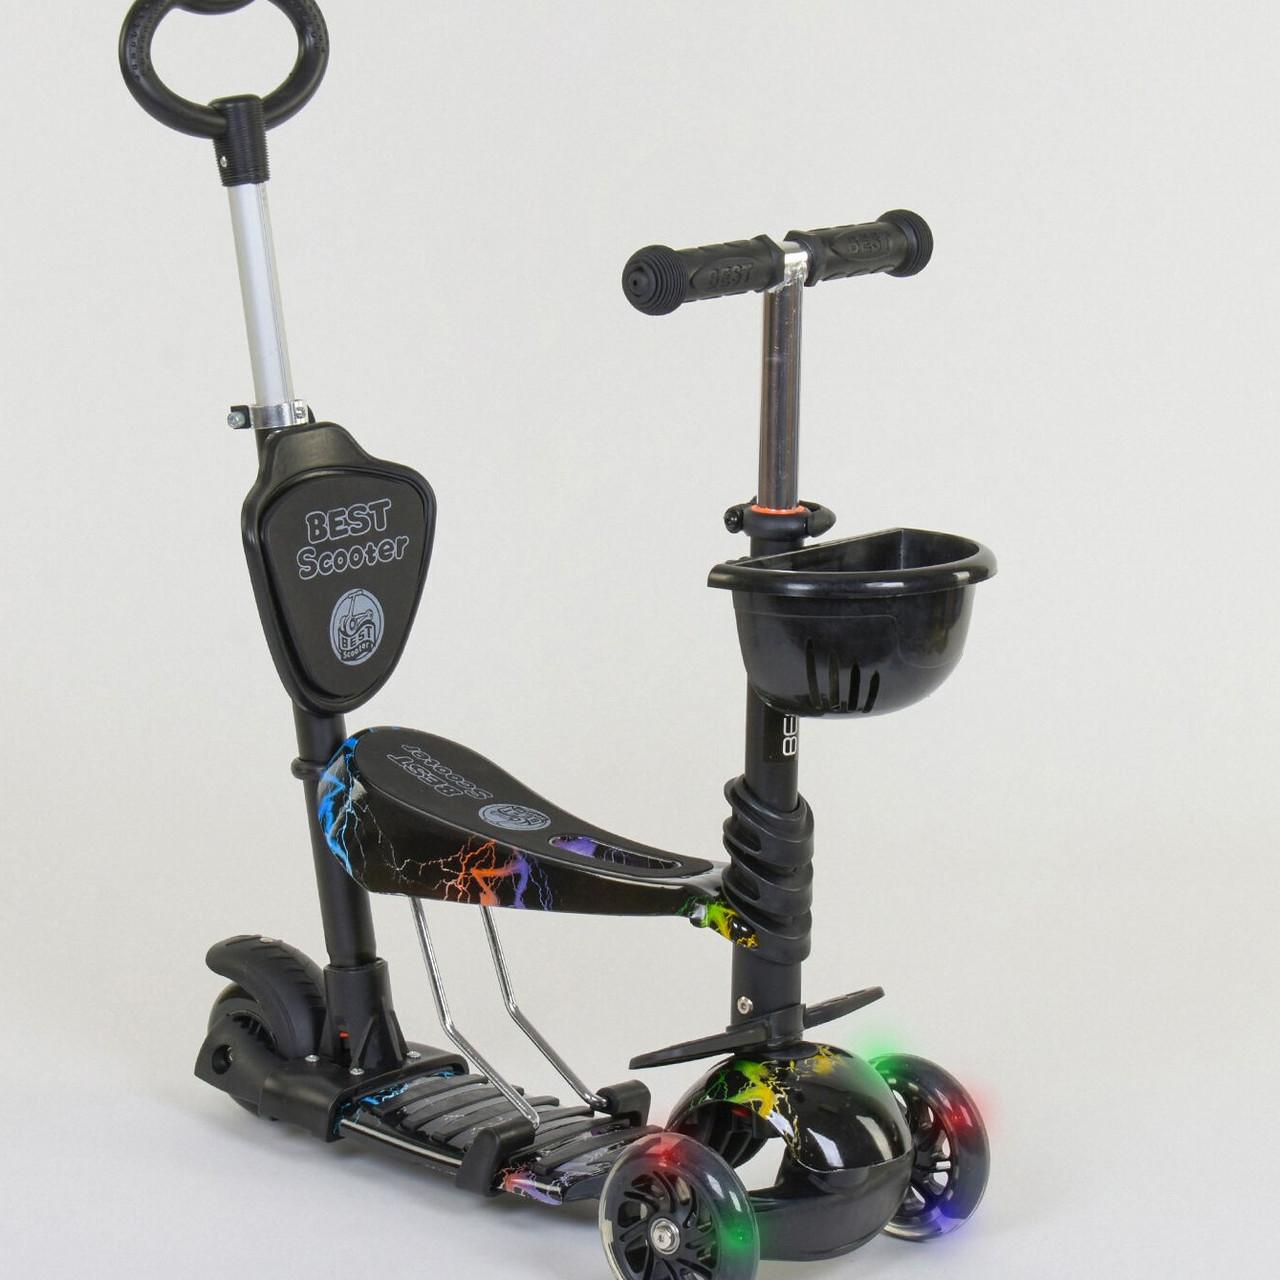 Самокат Best scooter 5 в 1